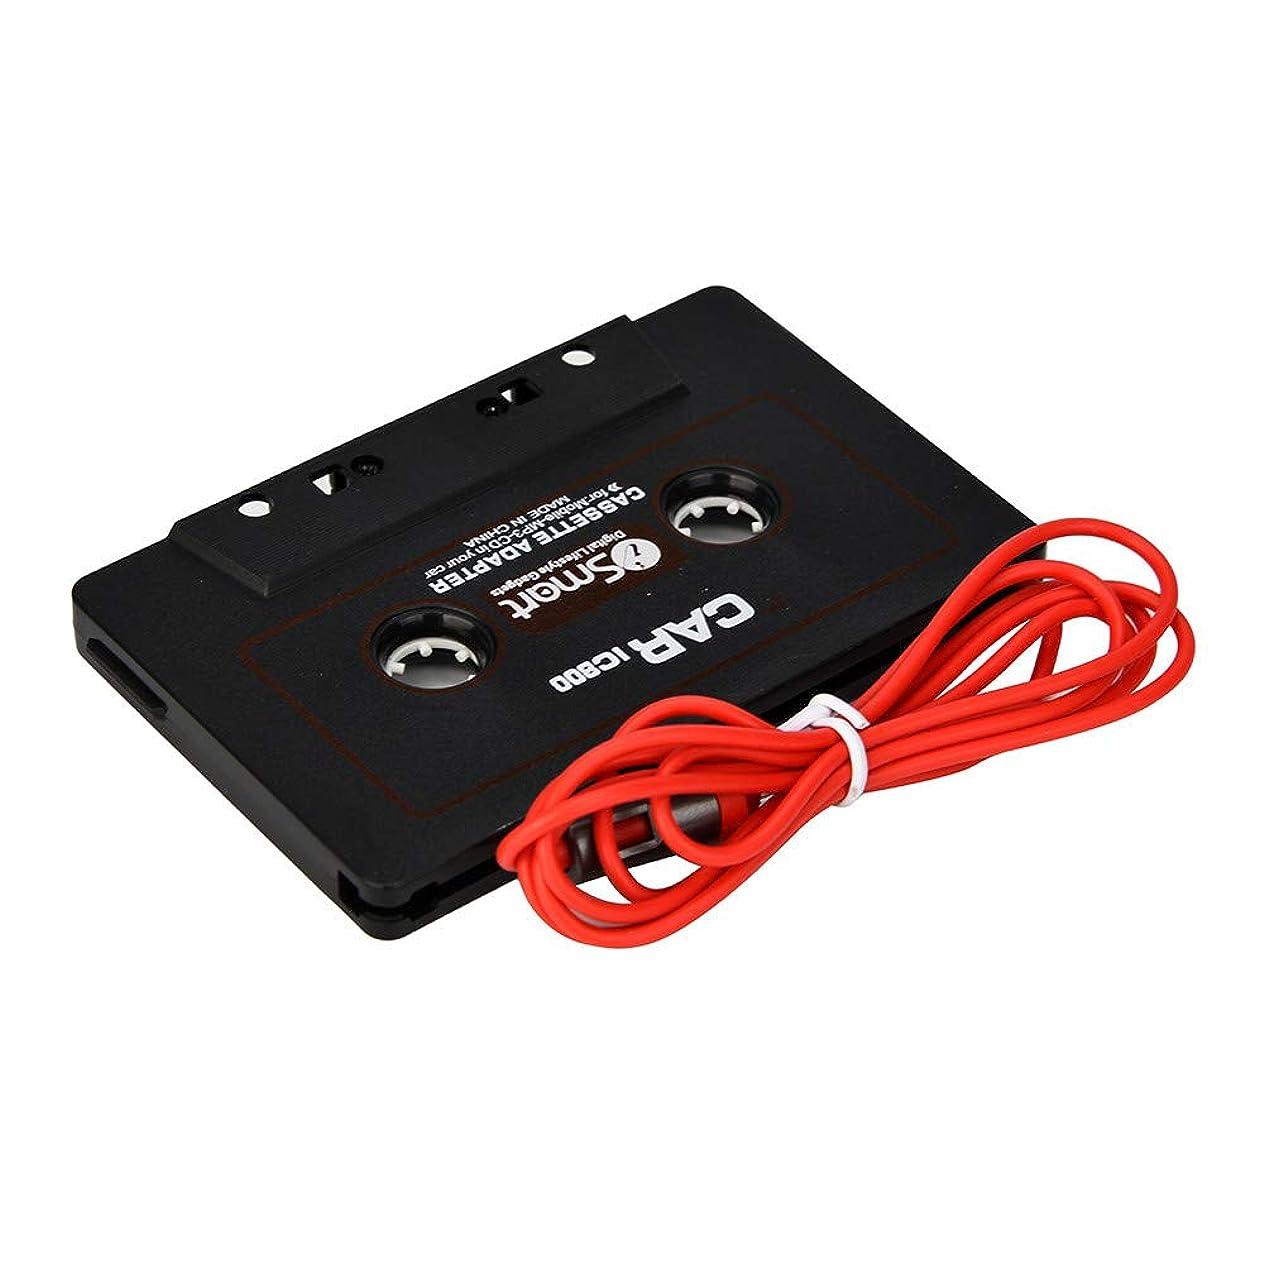 狭いヒョウ談話ポータブル 車 自動車 IC800 カセットカセットテープ 3.5mm AUXオーディオアダプター MP3/MP4 CD iPod/iPhone カーオーディオ ミニディスクプレーヤー用